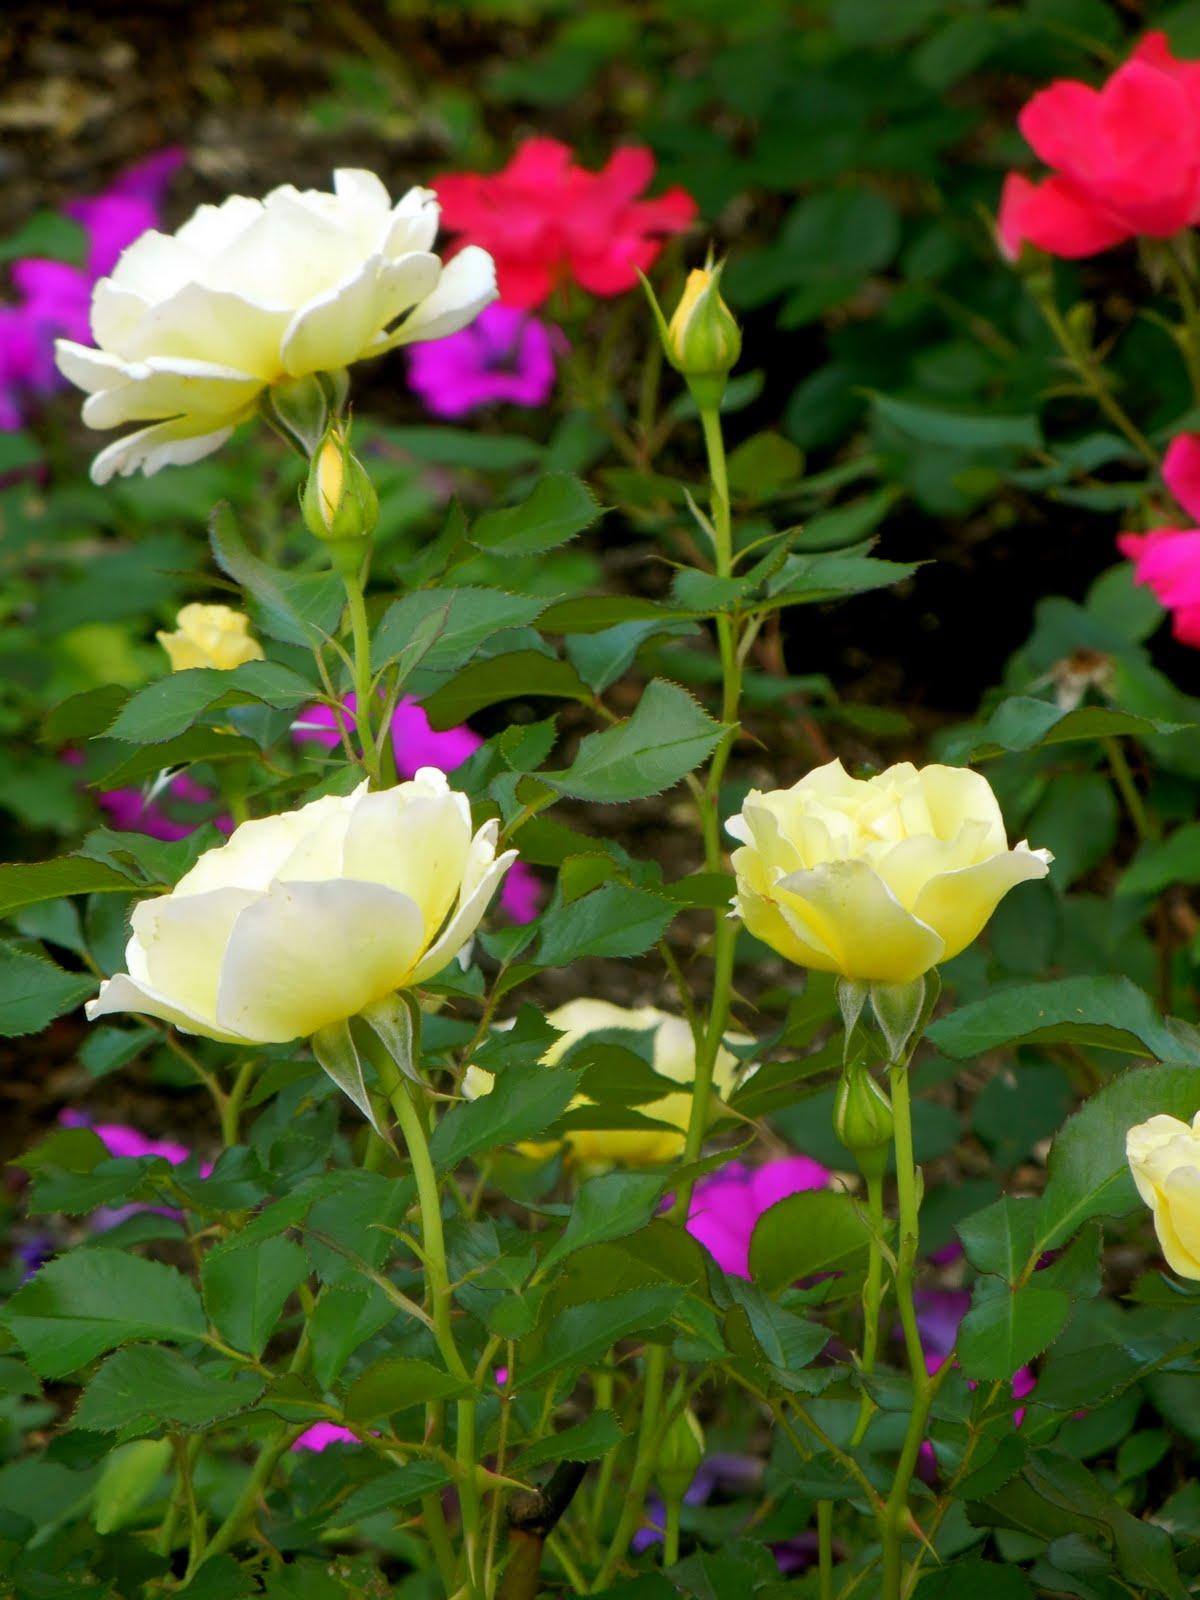 Hotel Baker Hotel Baker 39 S Rose Garden St Charles Illinois